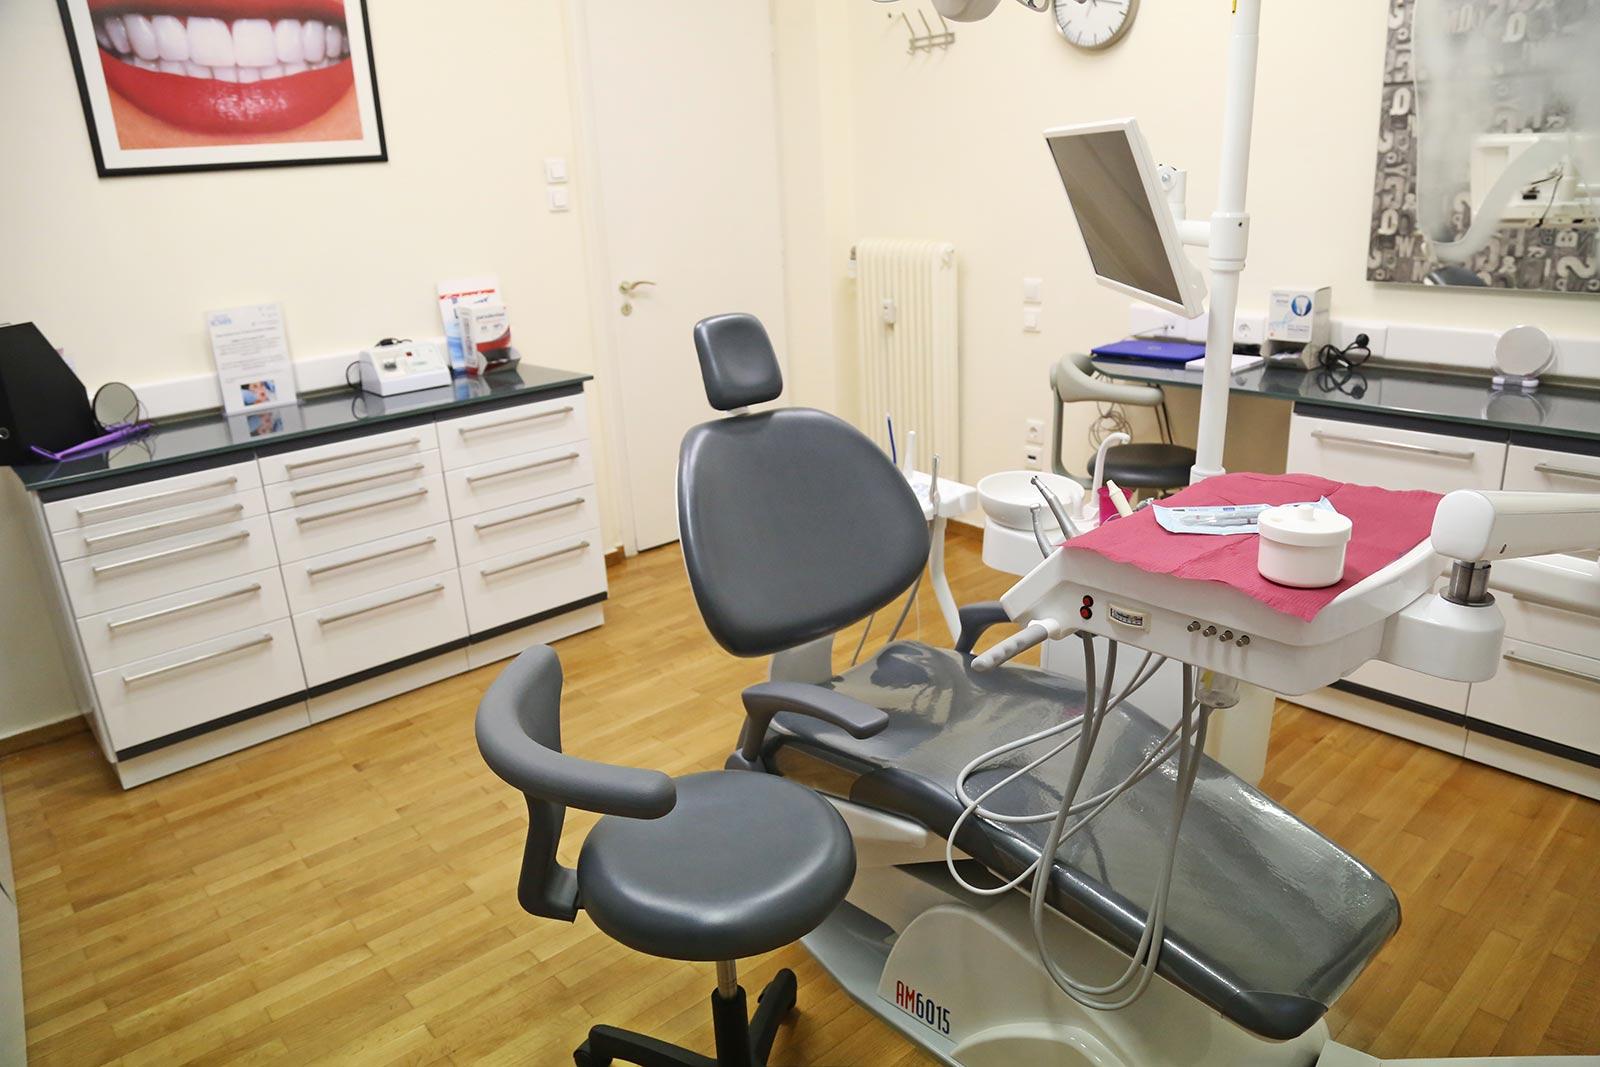 dentalsmiles-dental-clinic16